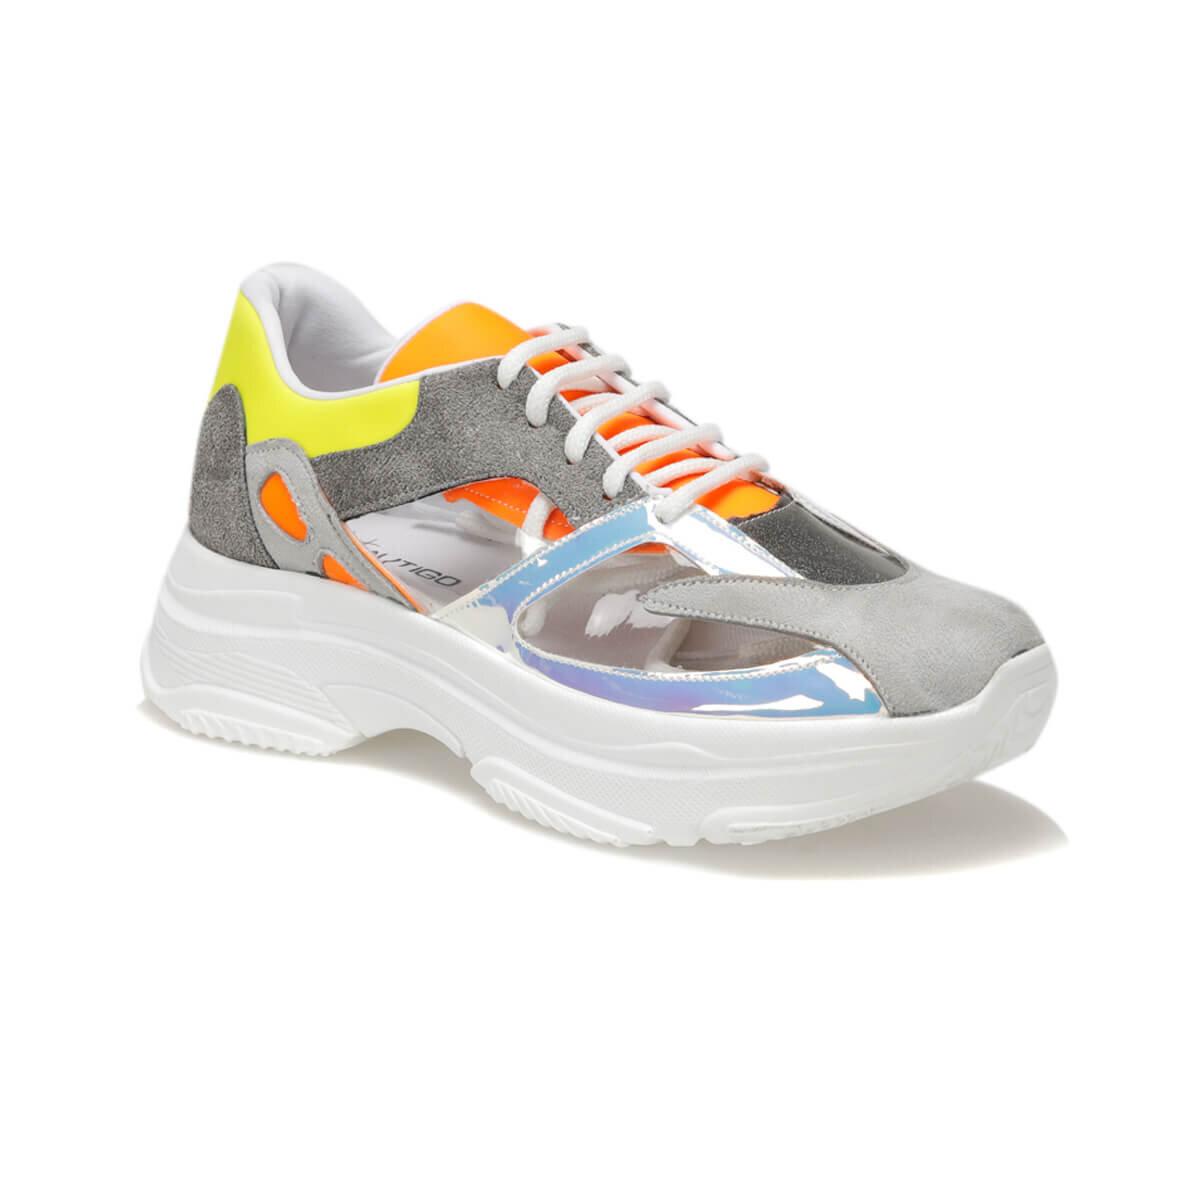 Hologram Ayakkabı